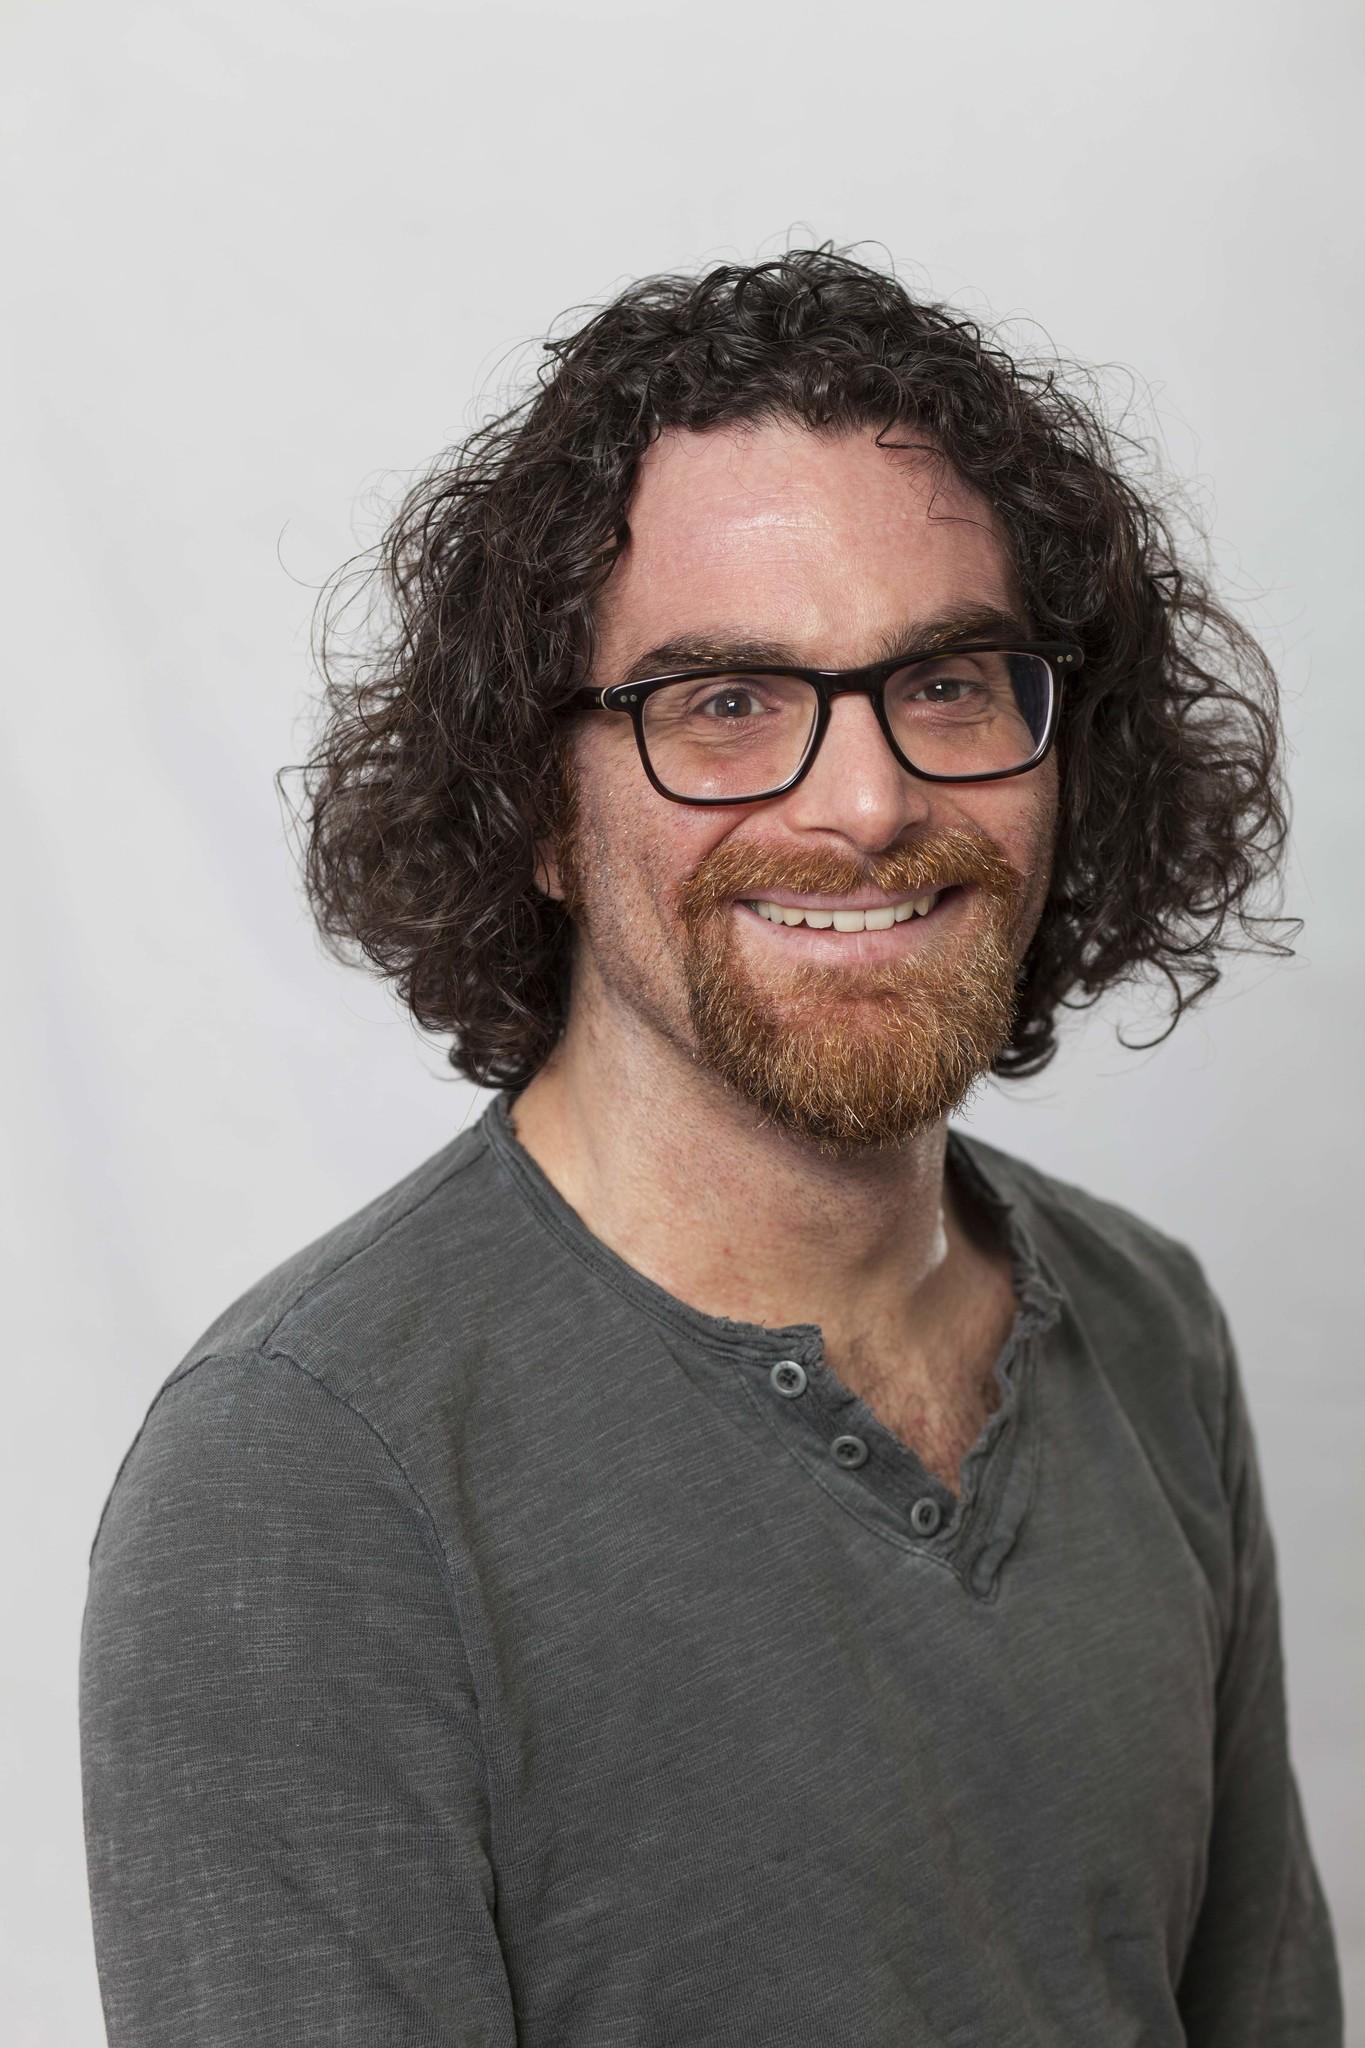 Daniel Kelber